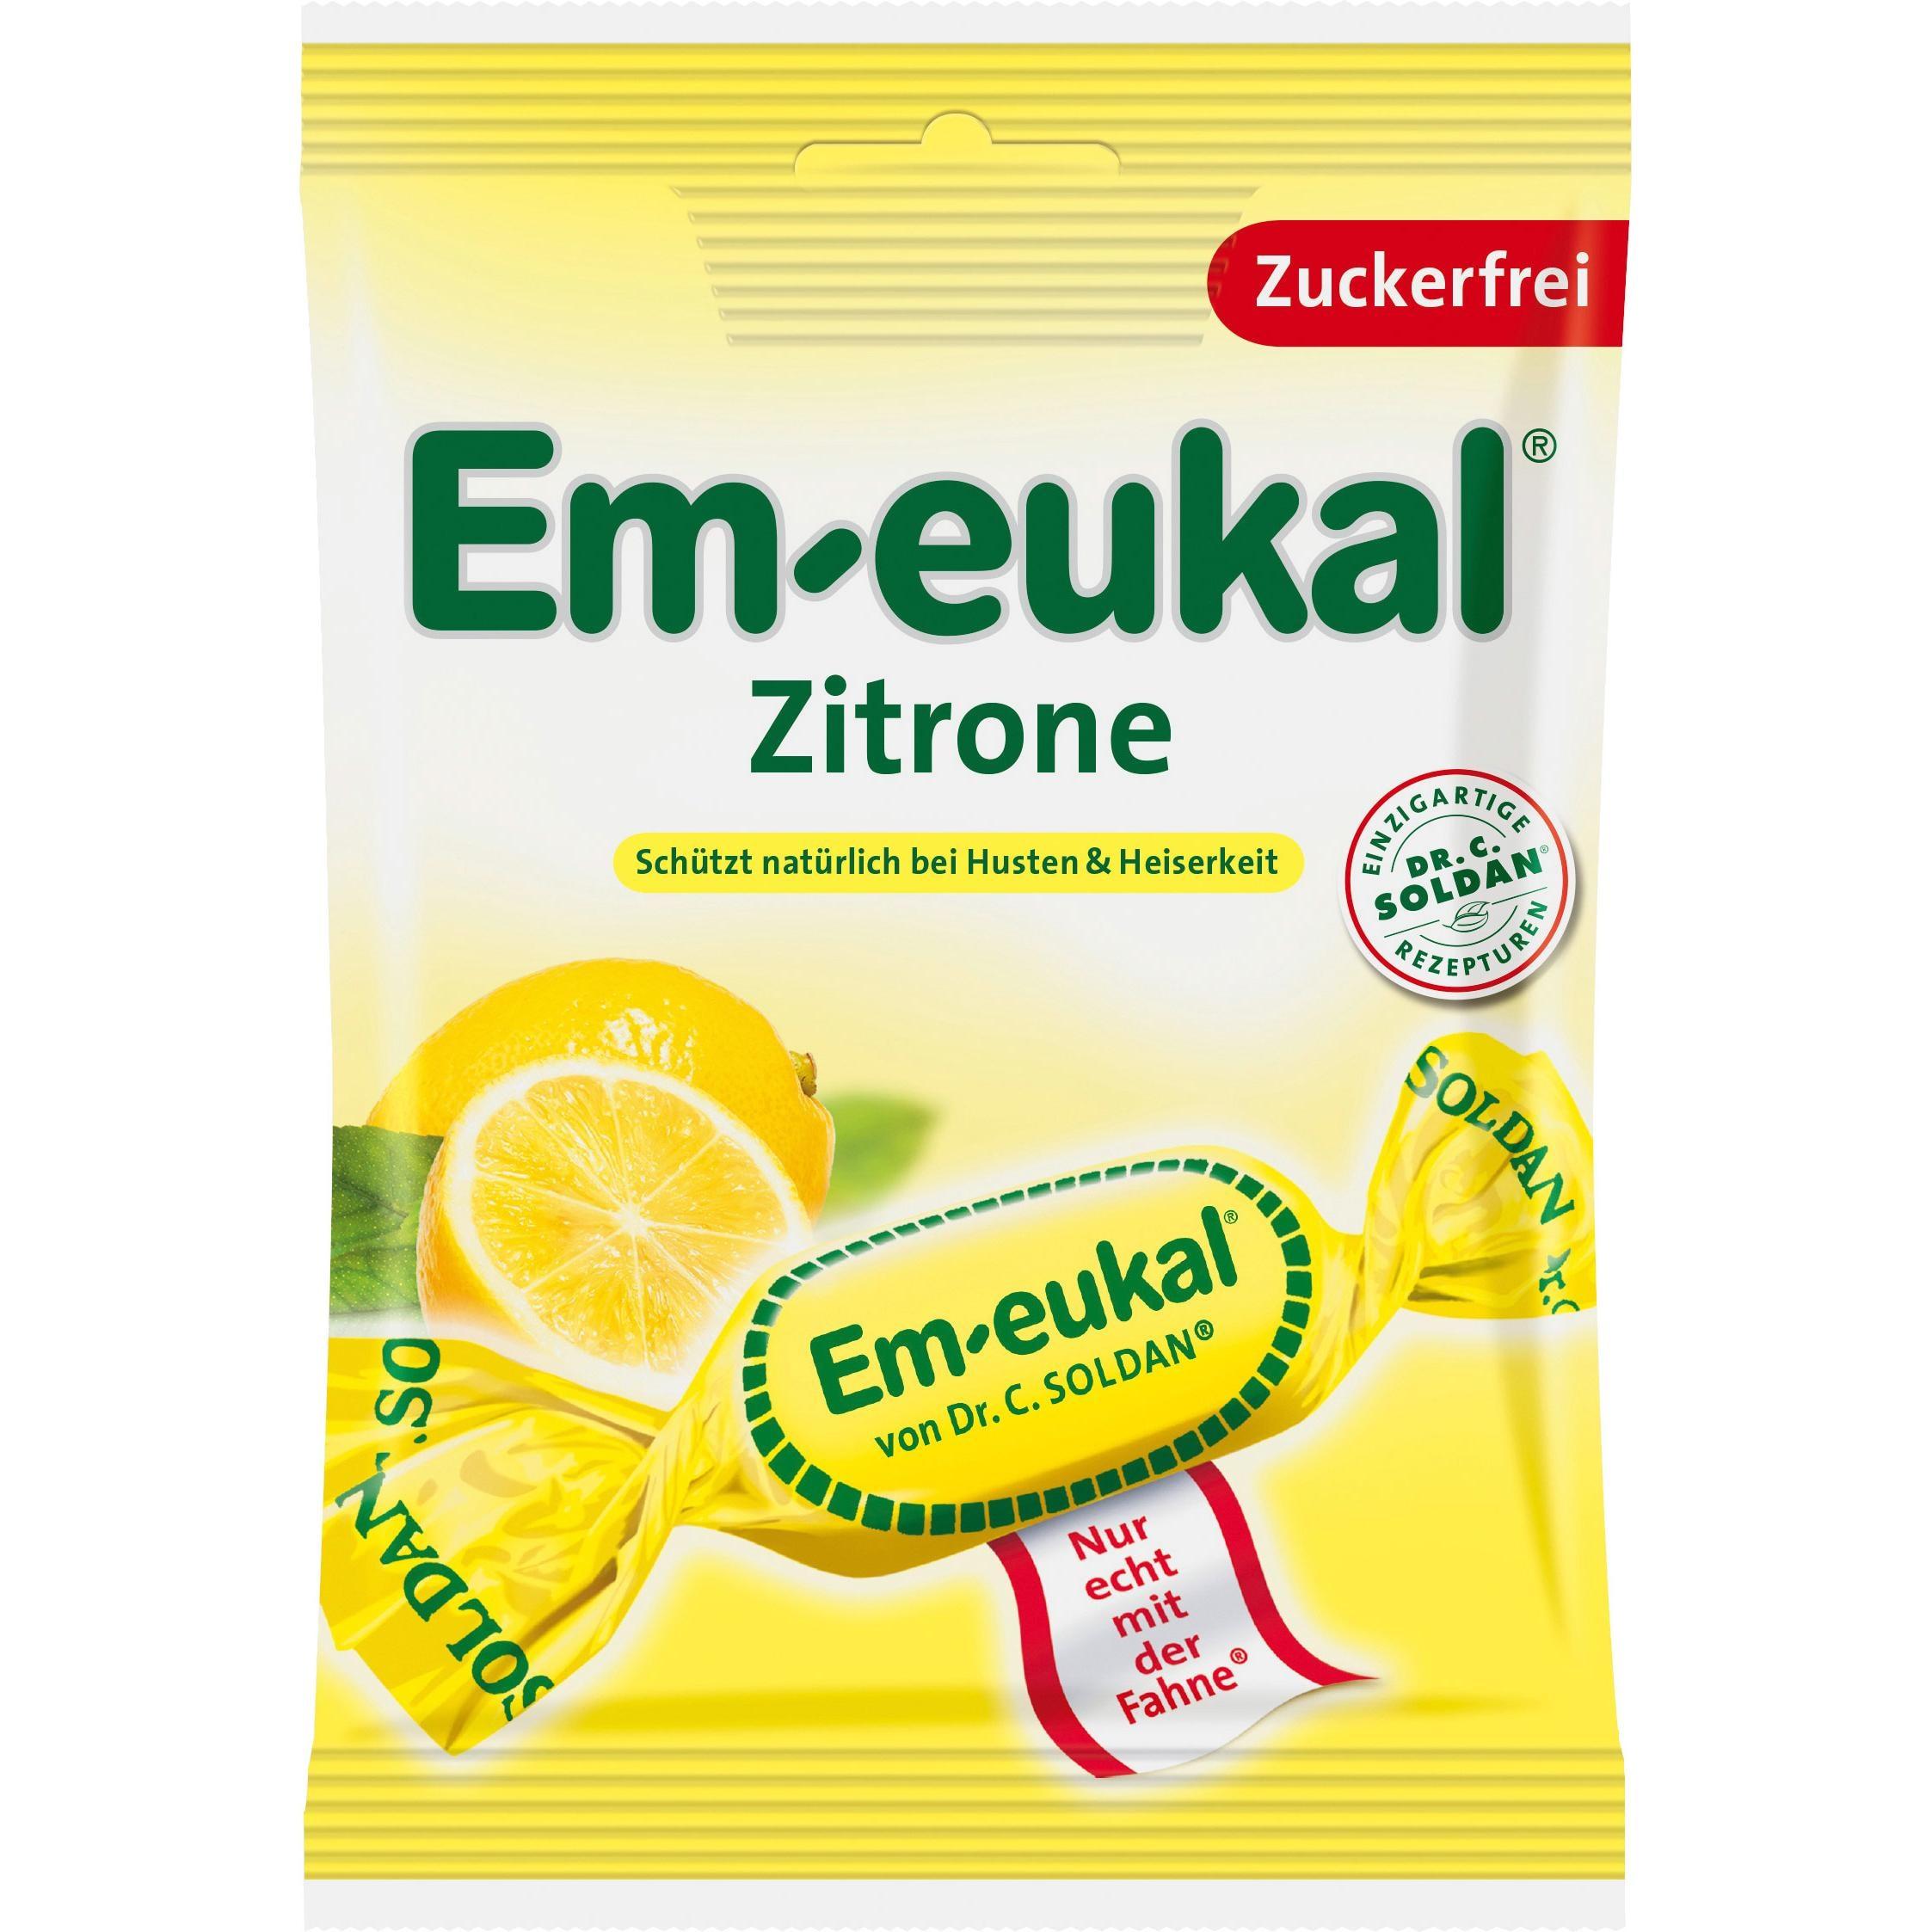 Dr. Soldan Em-eukal - Zitrone zuckerfrei Hustenbonbons - 75g